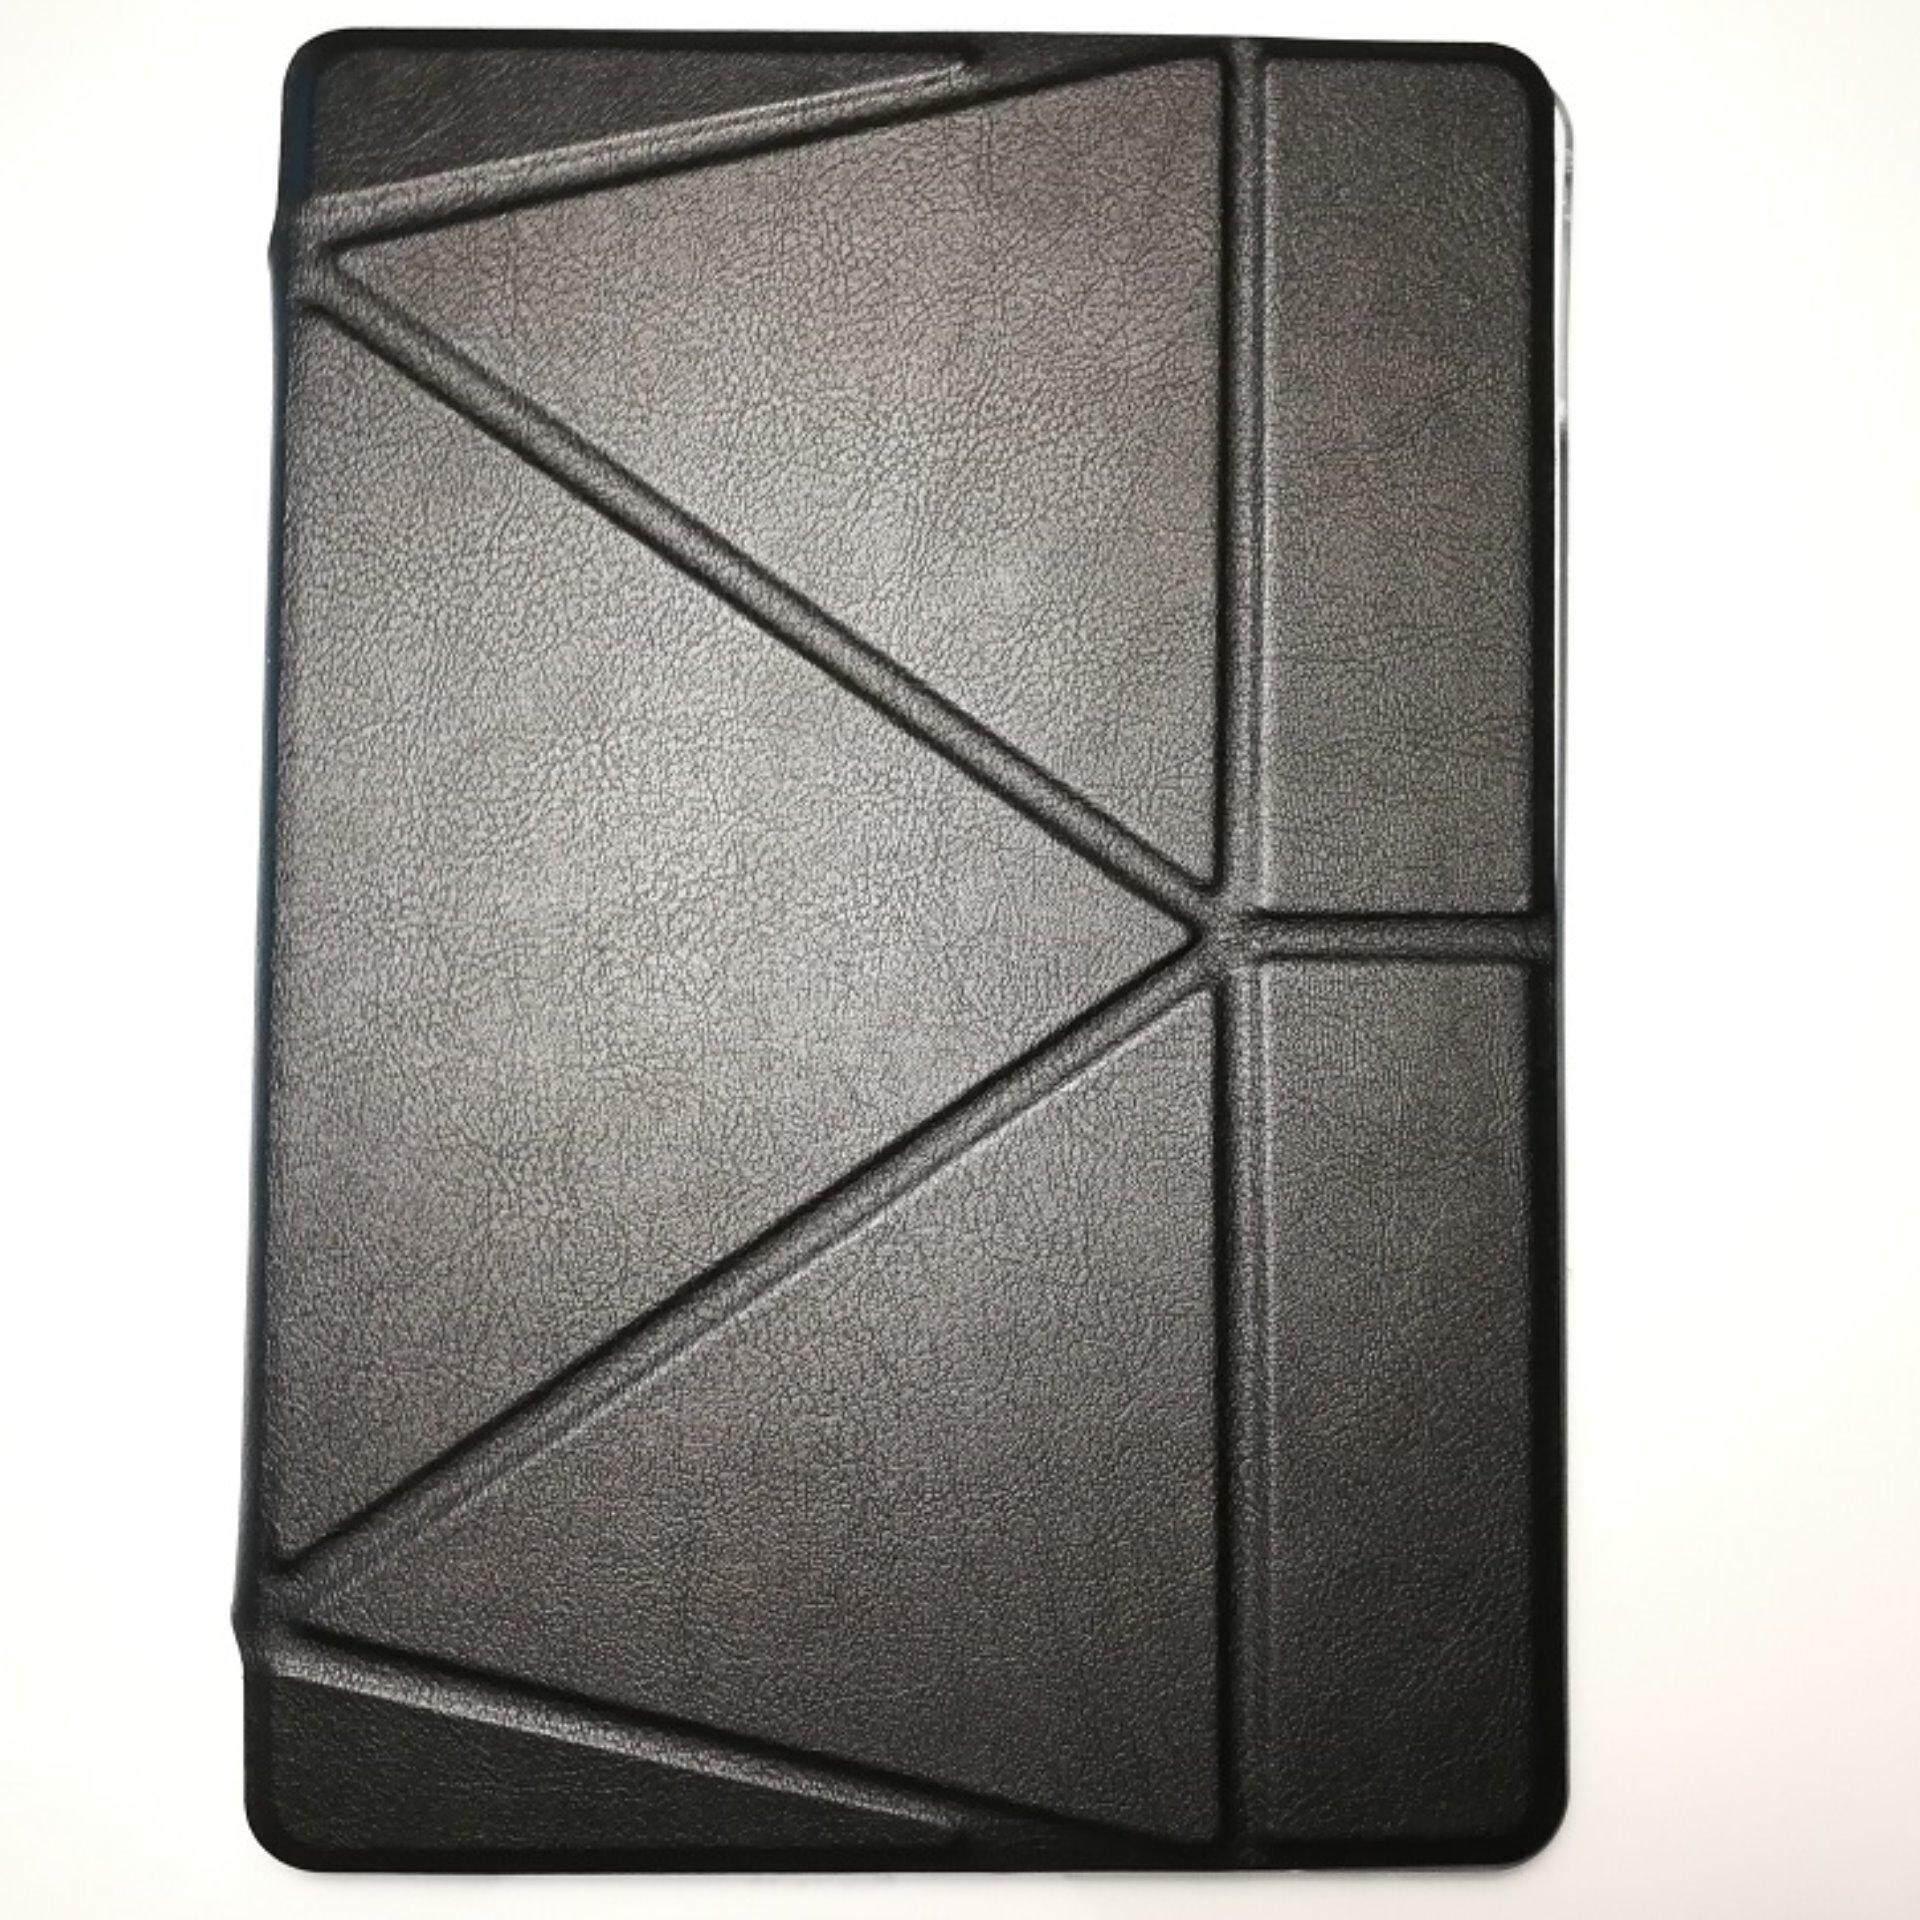 เคสฝาพับ ซัมซุง แท็ปเอ8.0 ที350 ที355 พี350 พี355 สีดำ Smart Case Foldable Cover Stand Samsung Galaxy Tab A 8.0 T350 T355 P350 P355 Black (8.0).